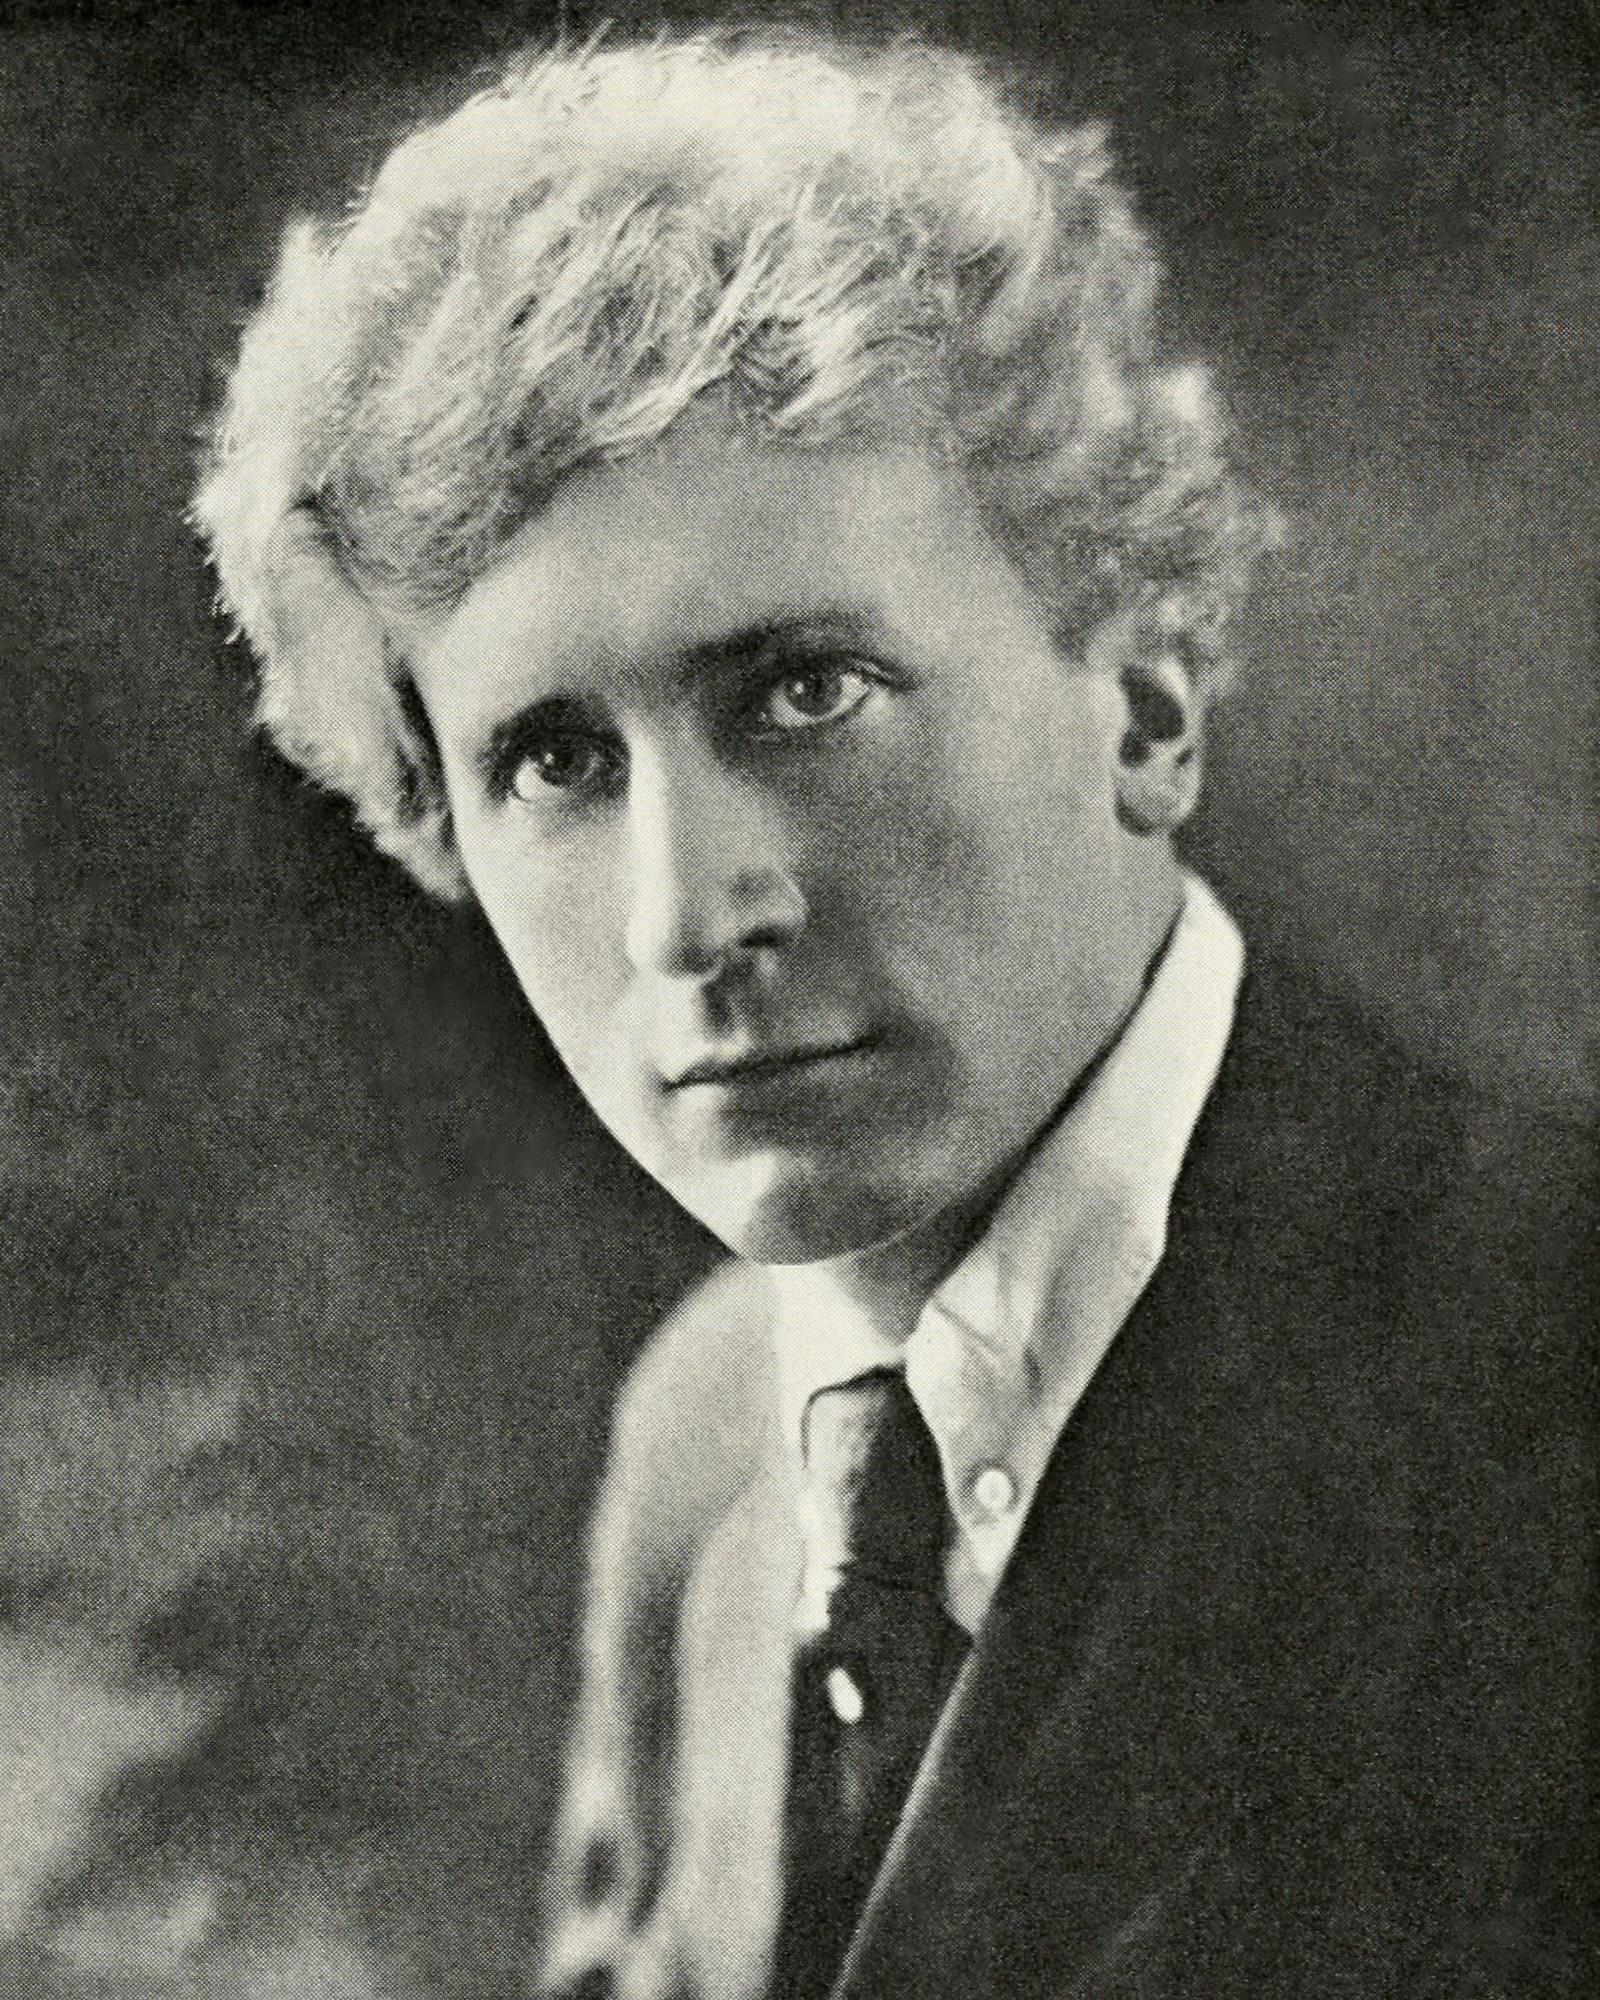 Grainger in 1922